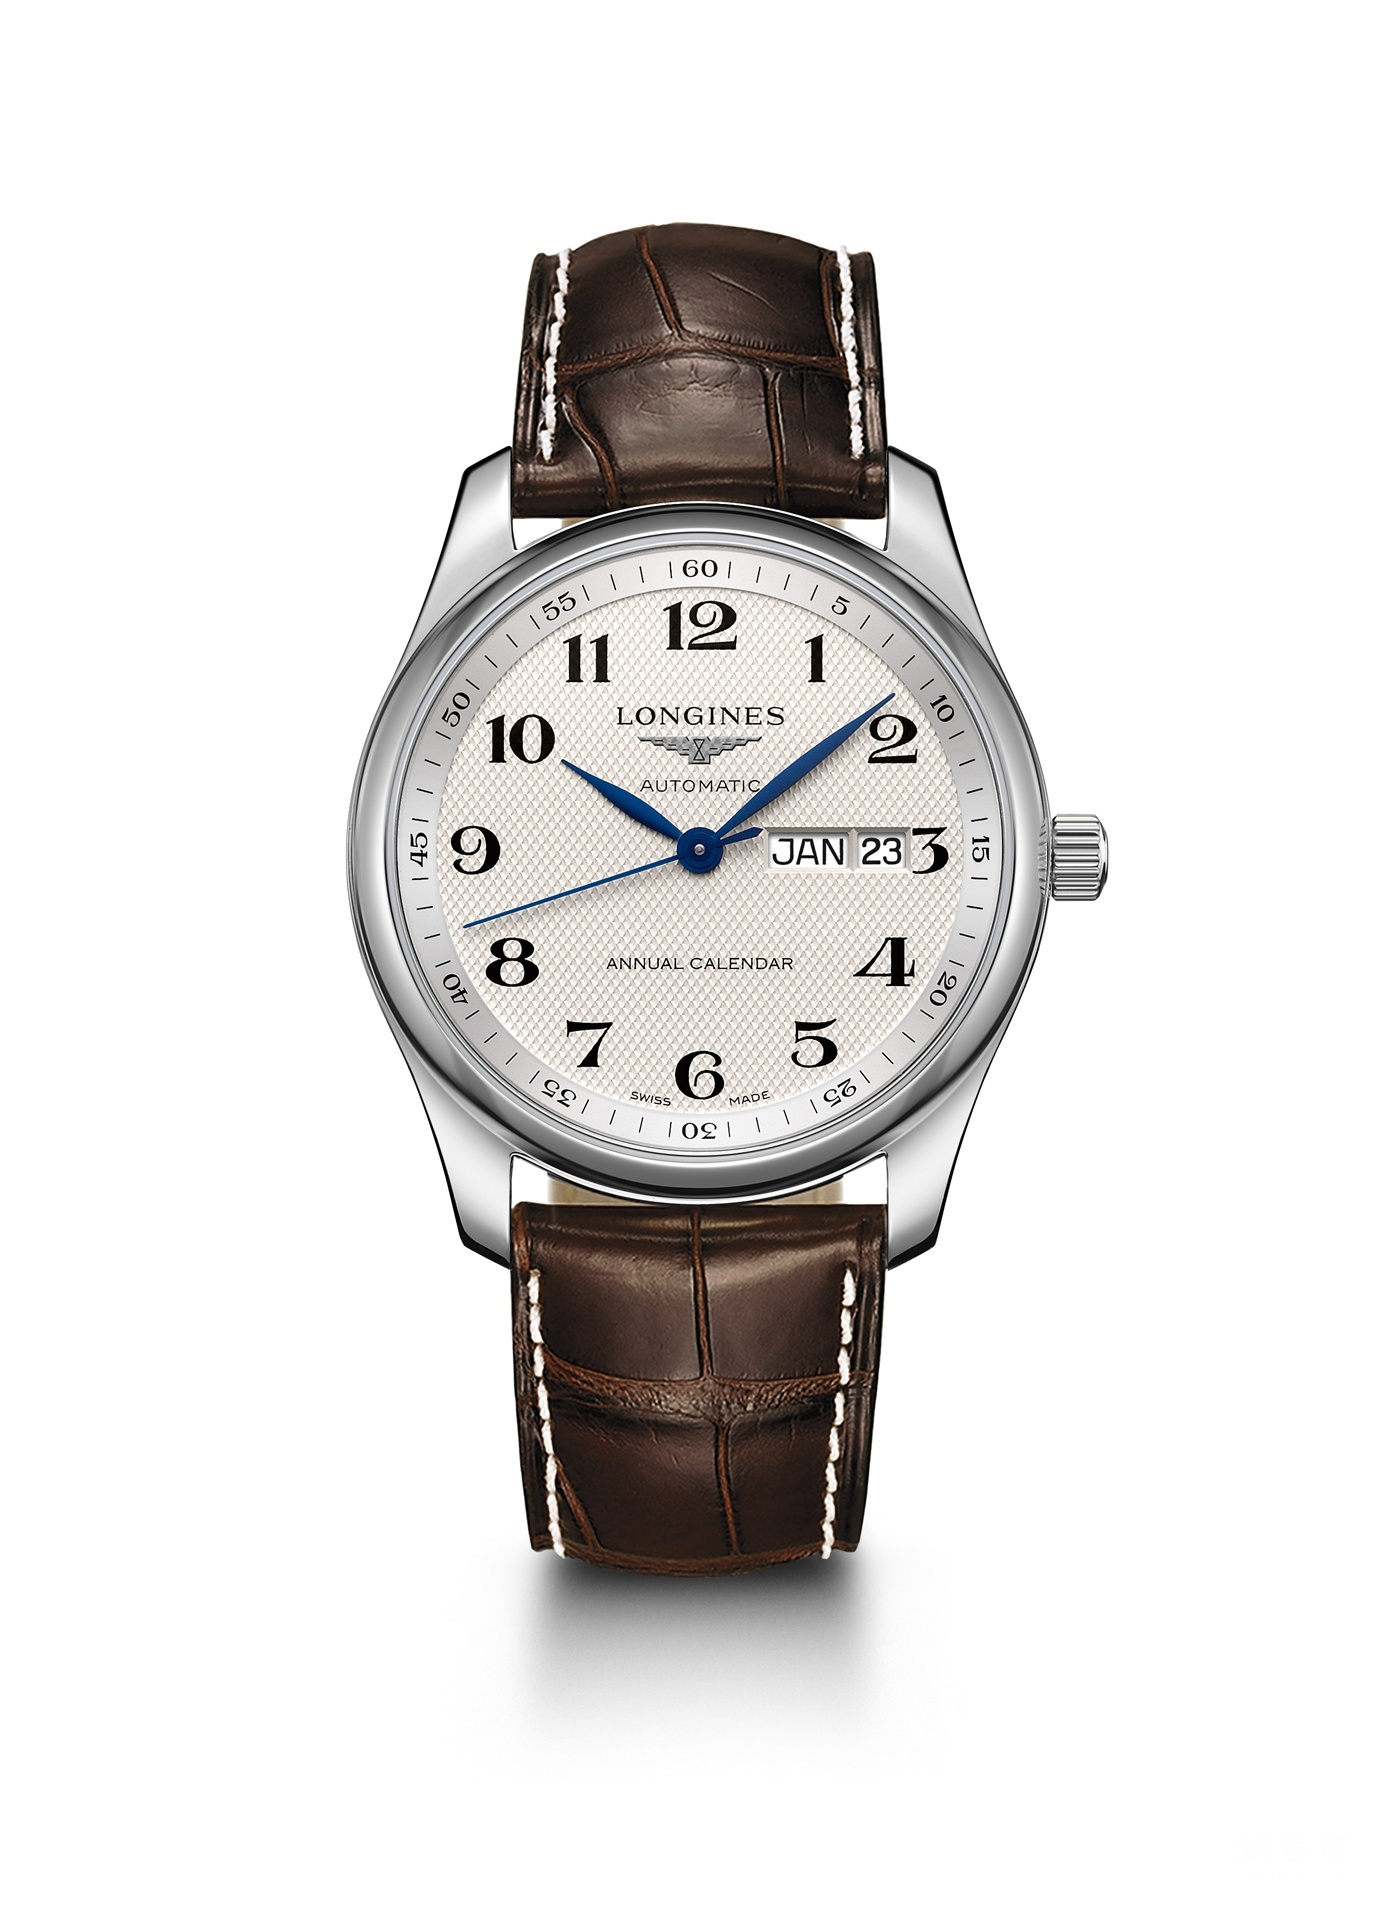 【2018巴塞尔表展】浪琴表名匠系列年历腕表展现品牌制表传统